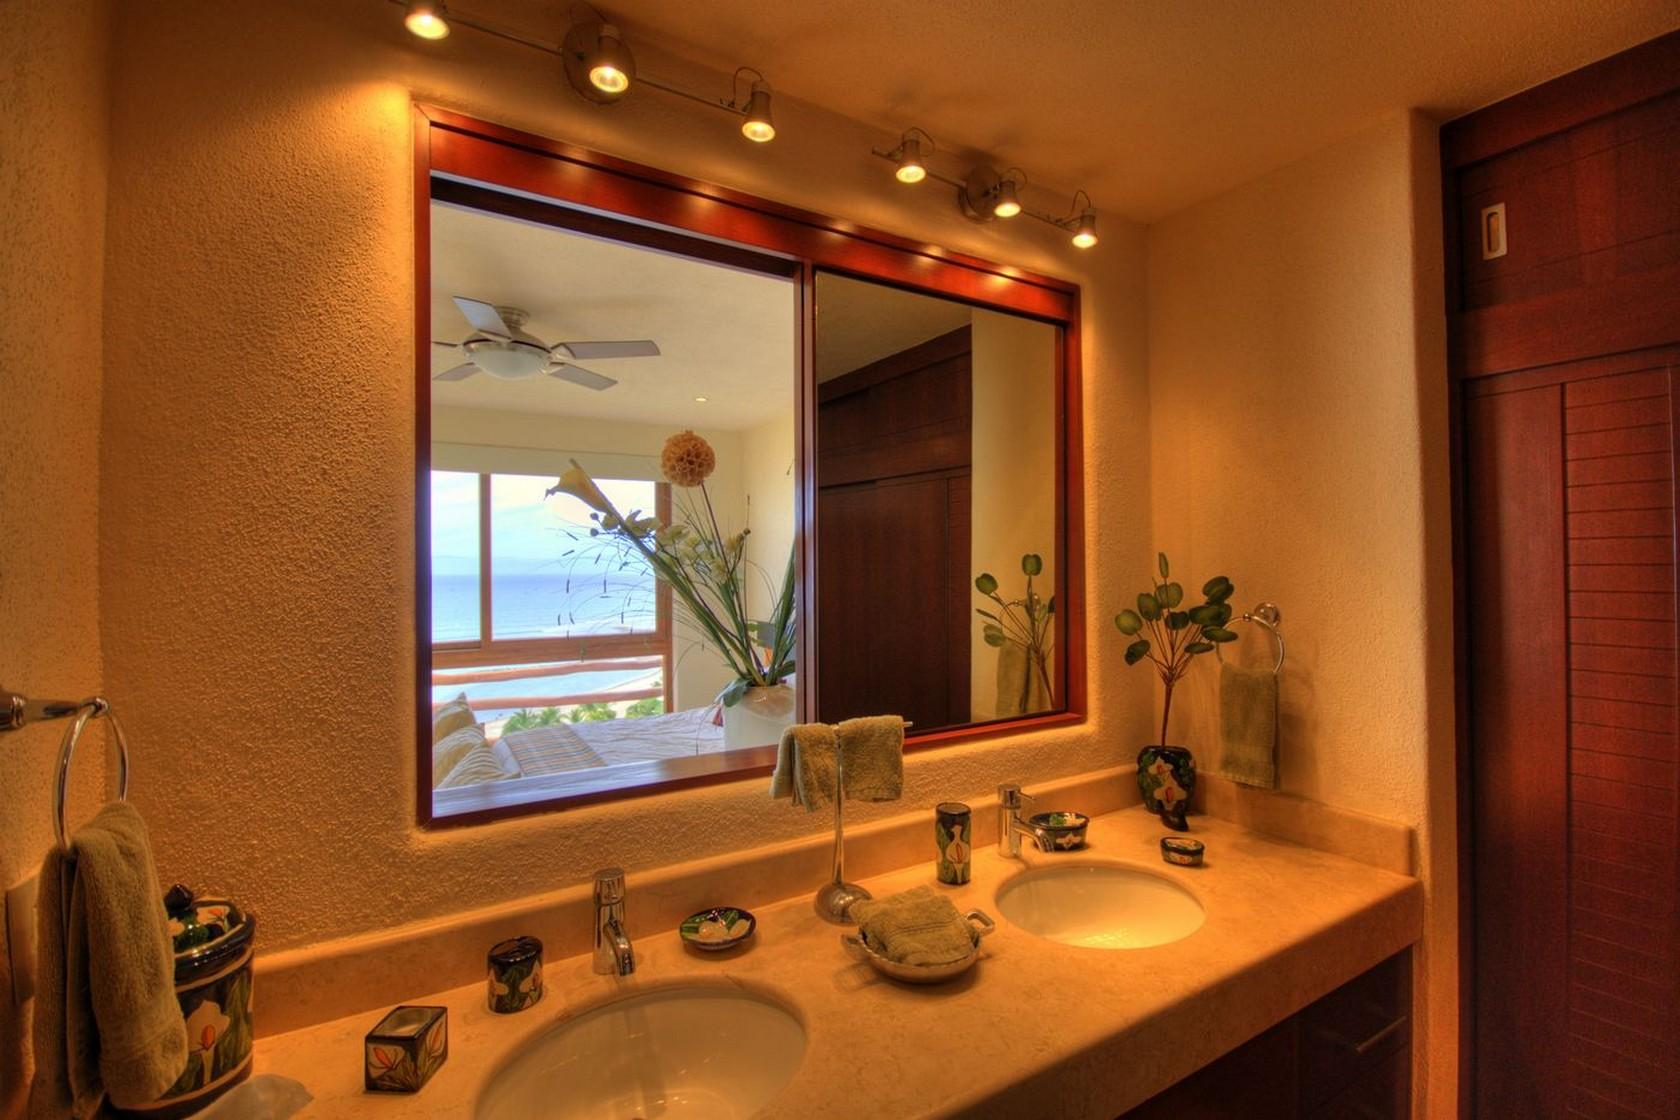 Espejo baño Departamento en venta Punta Esmeralda Resort La Cruz de Huanacaxtle